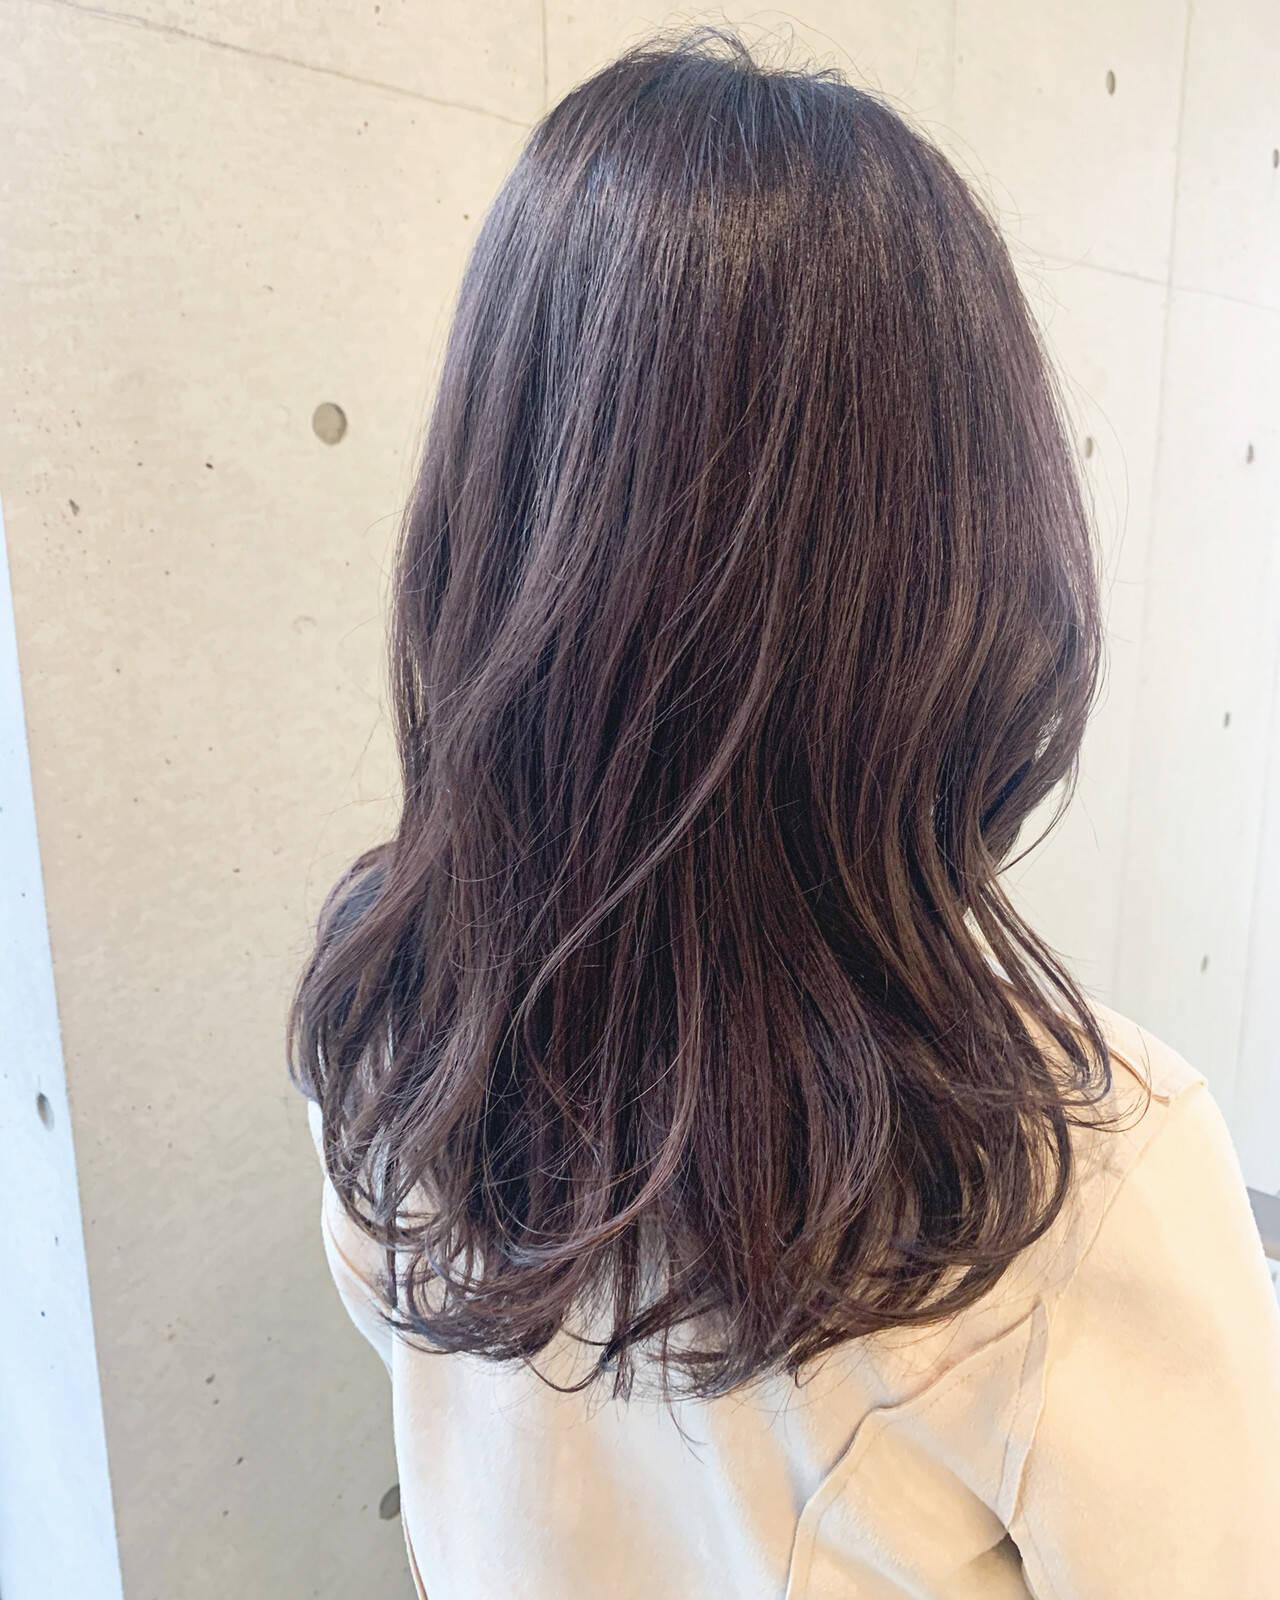 ラベンダーアッシュ ブリーチなし 大人可愛い 大人カジュアルヘアスタイルや髪型の写真・画像